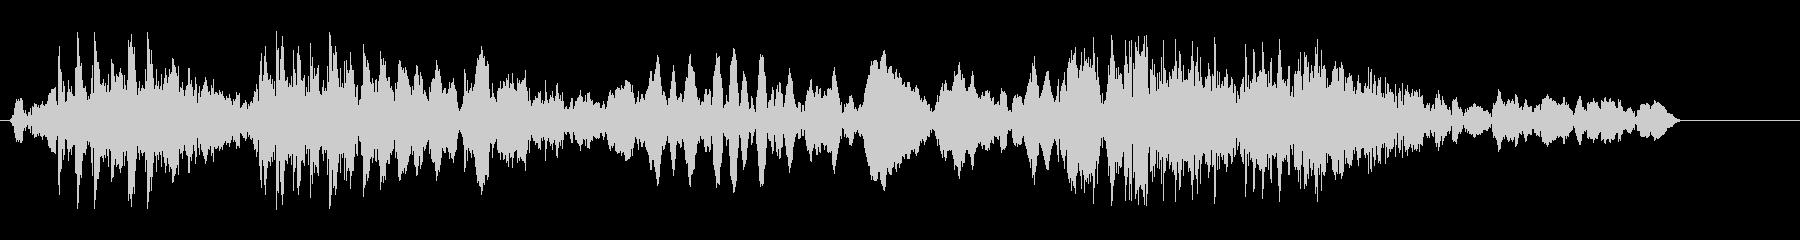 ピコングワン(ロボット)の未再生の波形